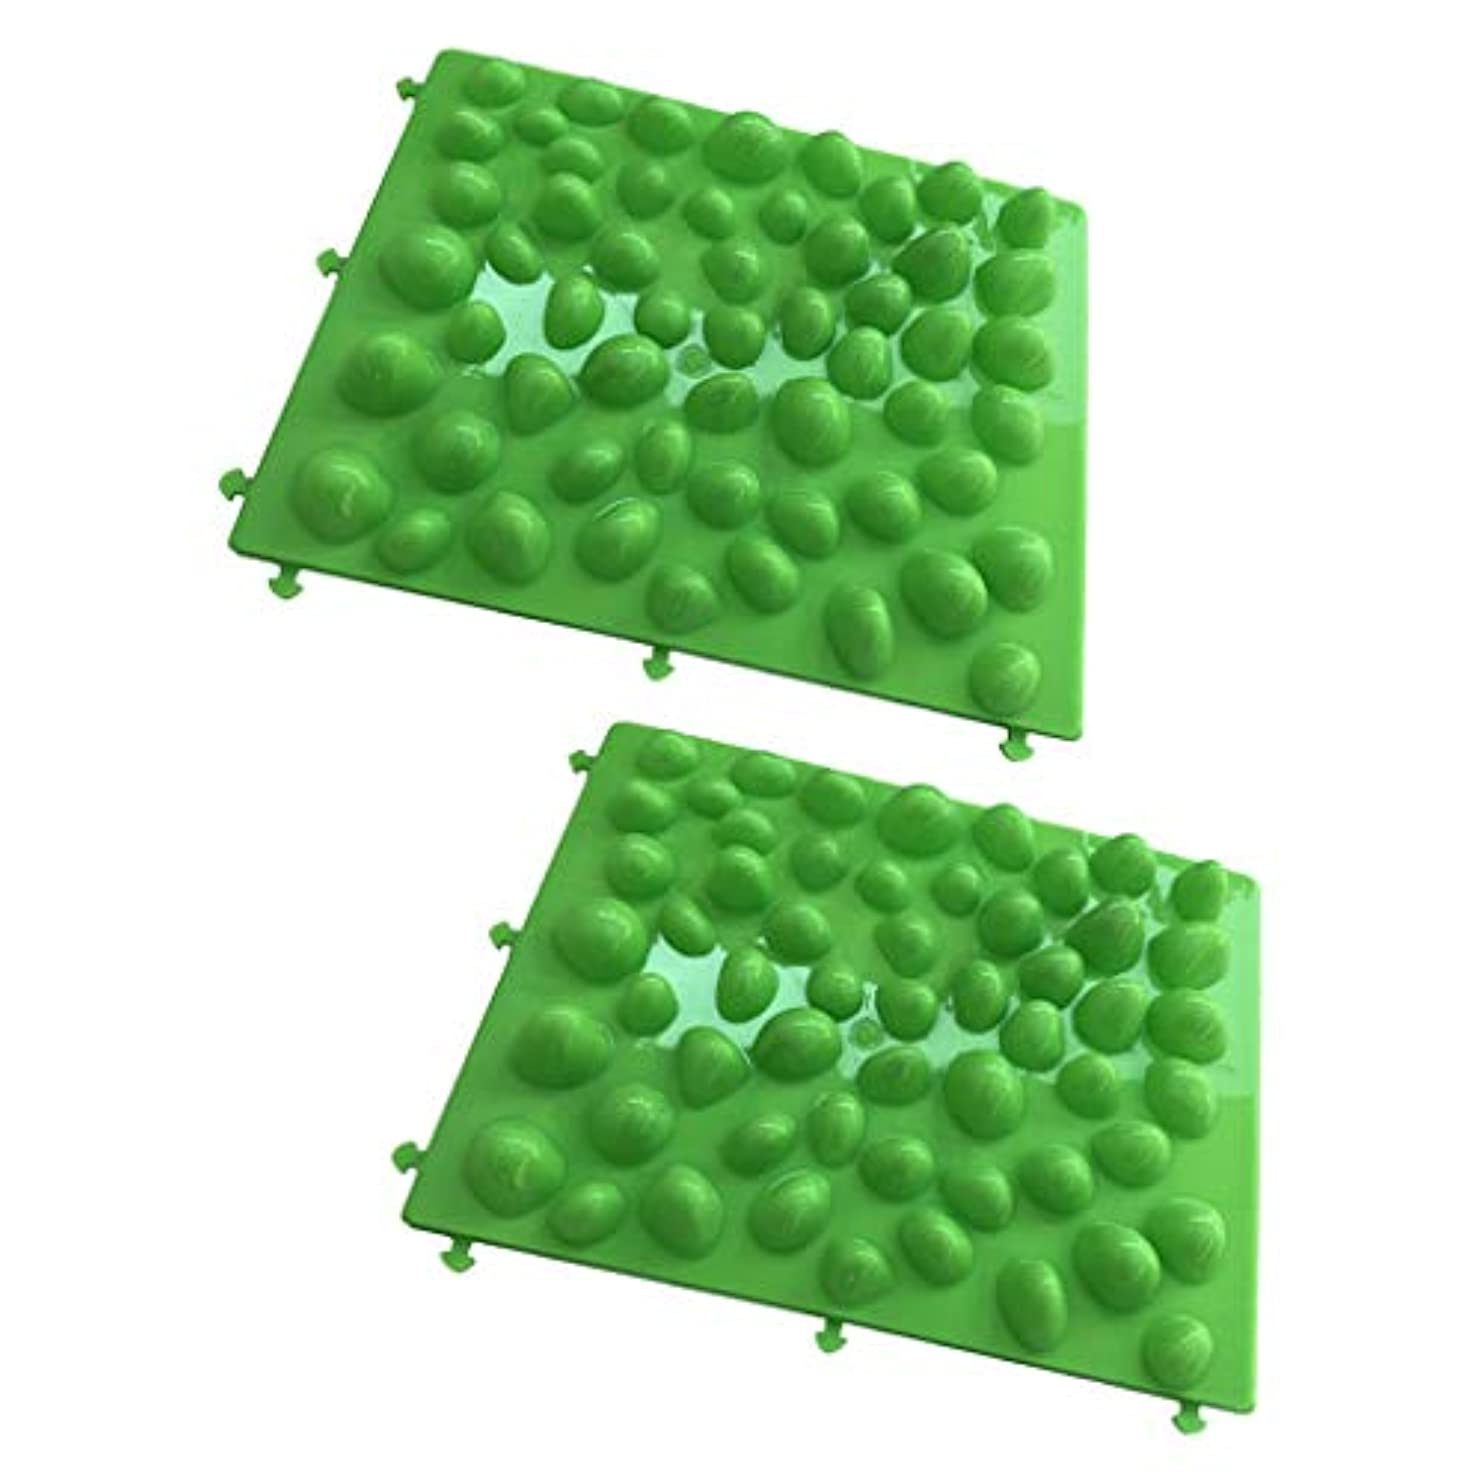 ふける推測する反動足つぼマット 足のマッサージパッド フットマッサージマット 人工石 血行促進 ストレス解消 2個入